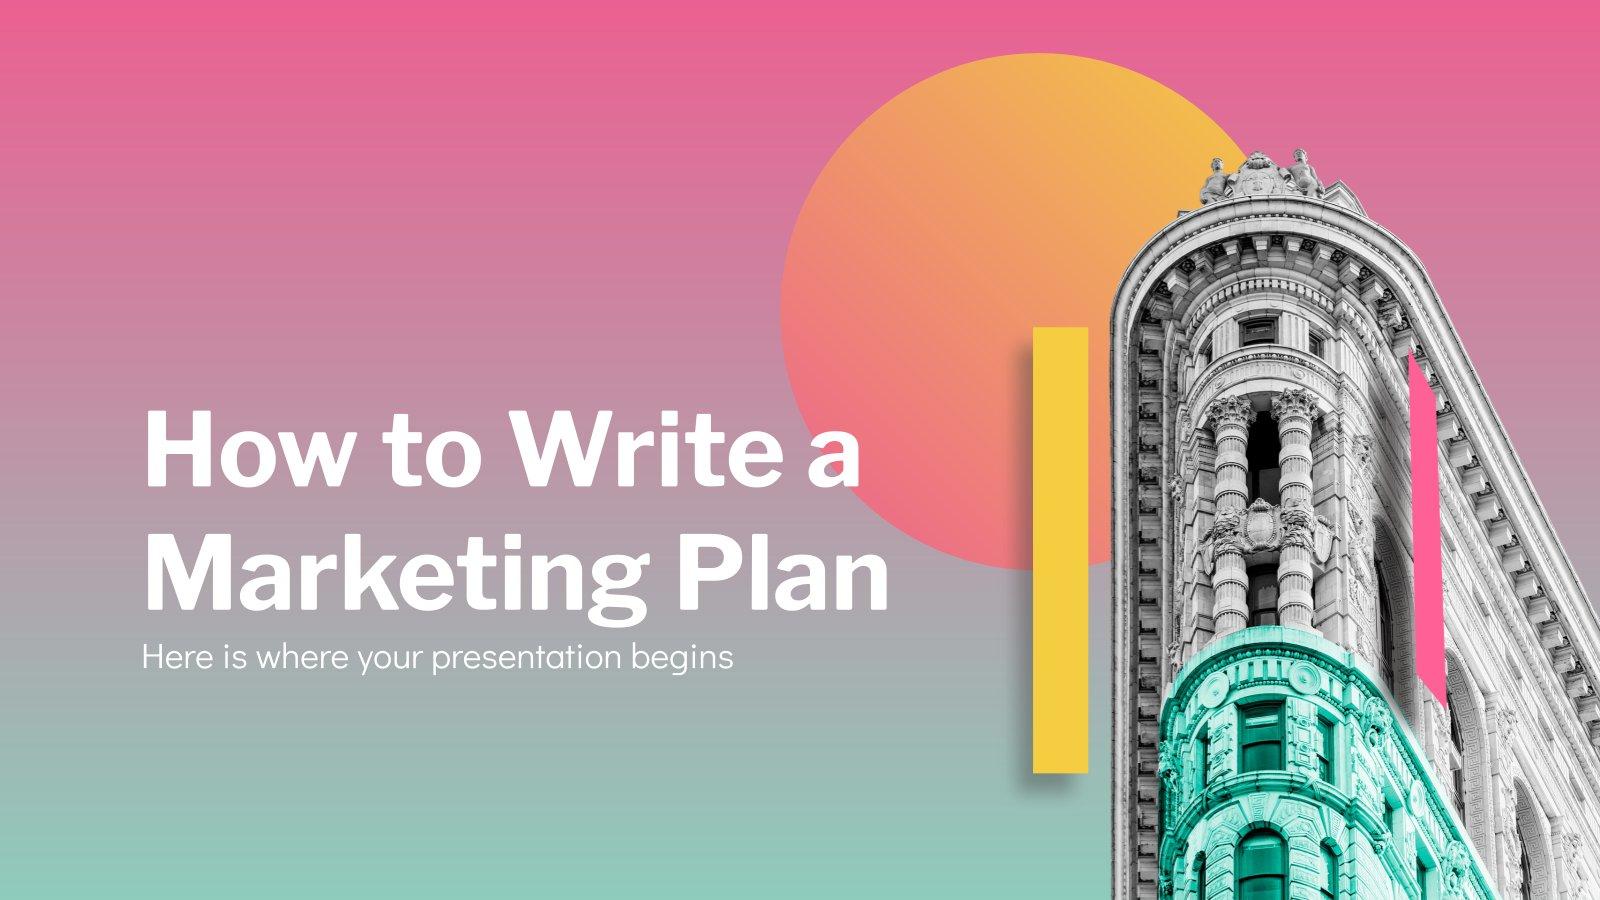 Plantilla de presentación Cómo redactar un plan de marketing